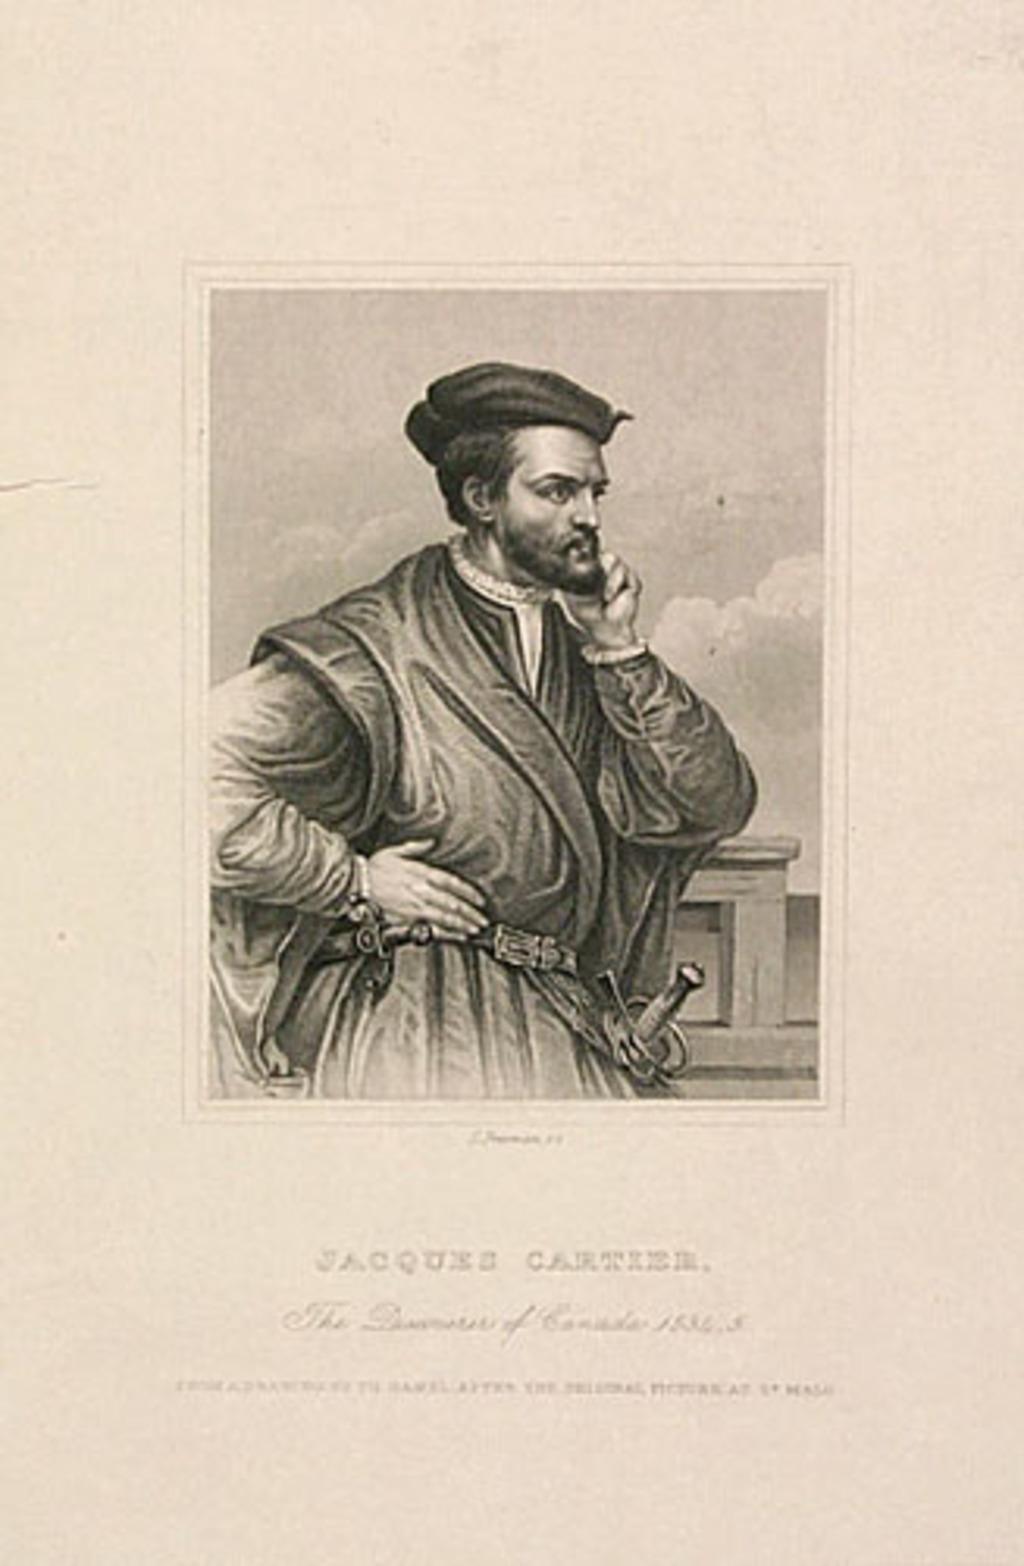 Jacques Cartier, de l'album Canada. Dessins historiques